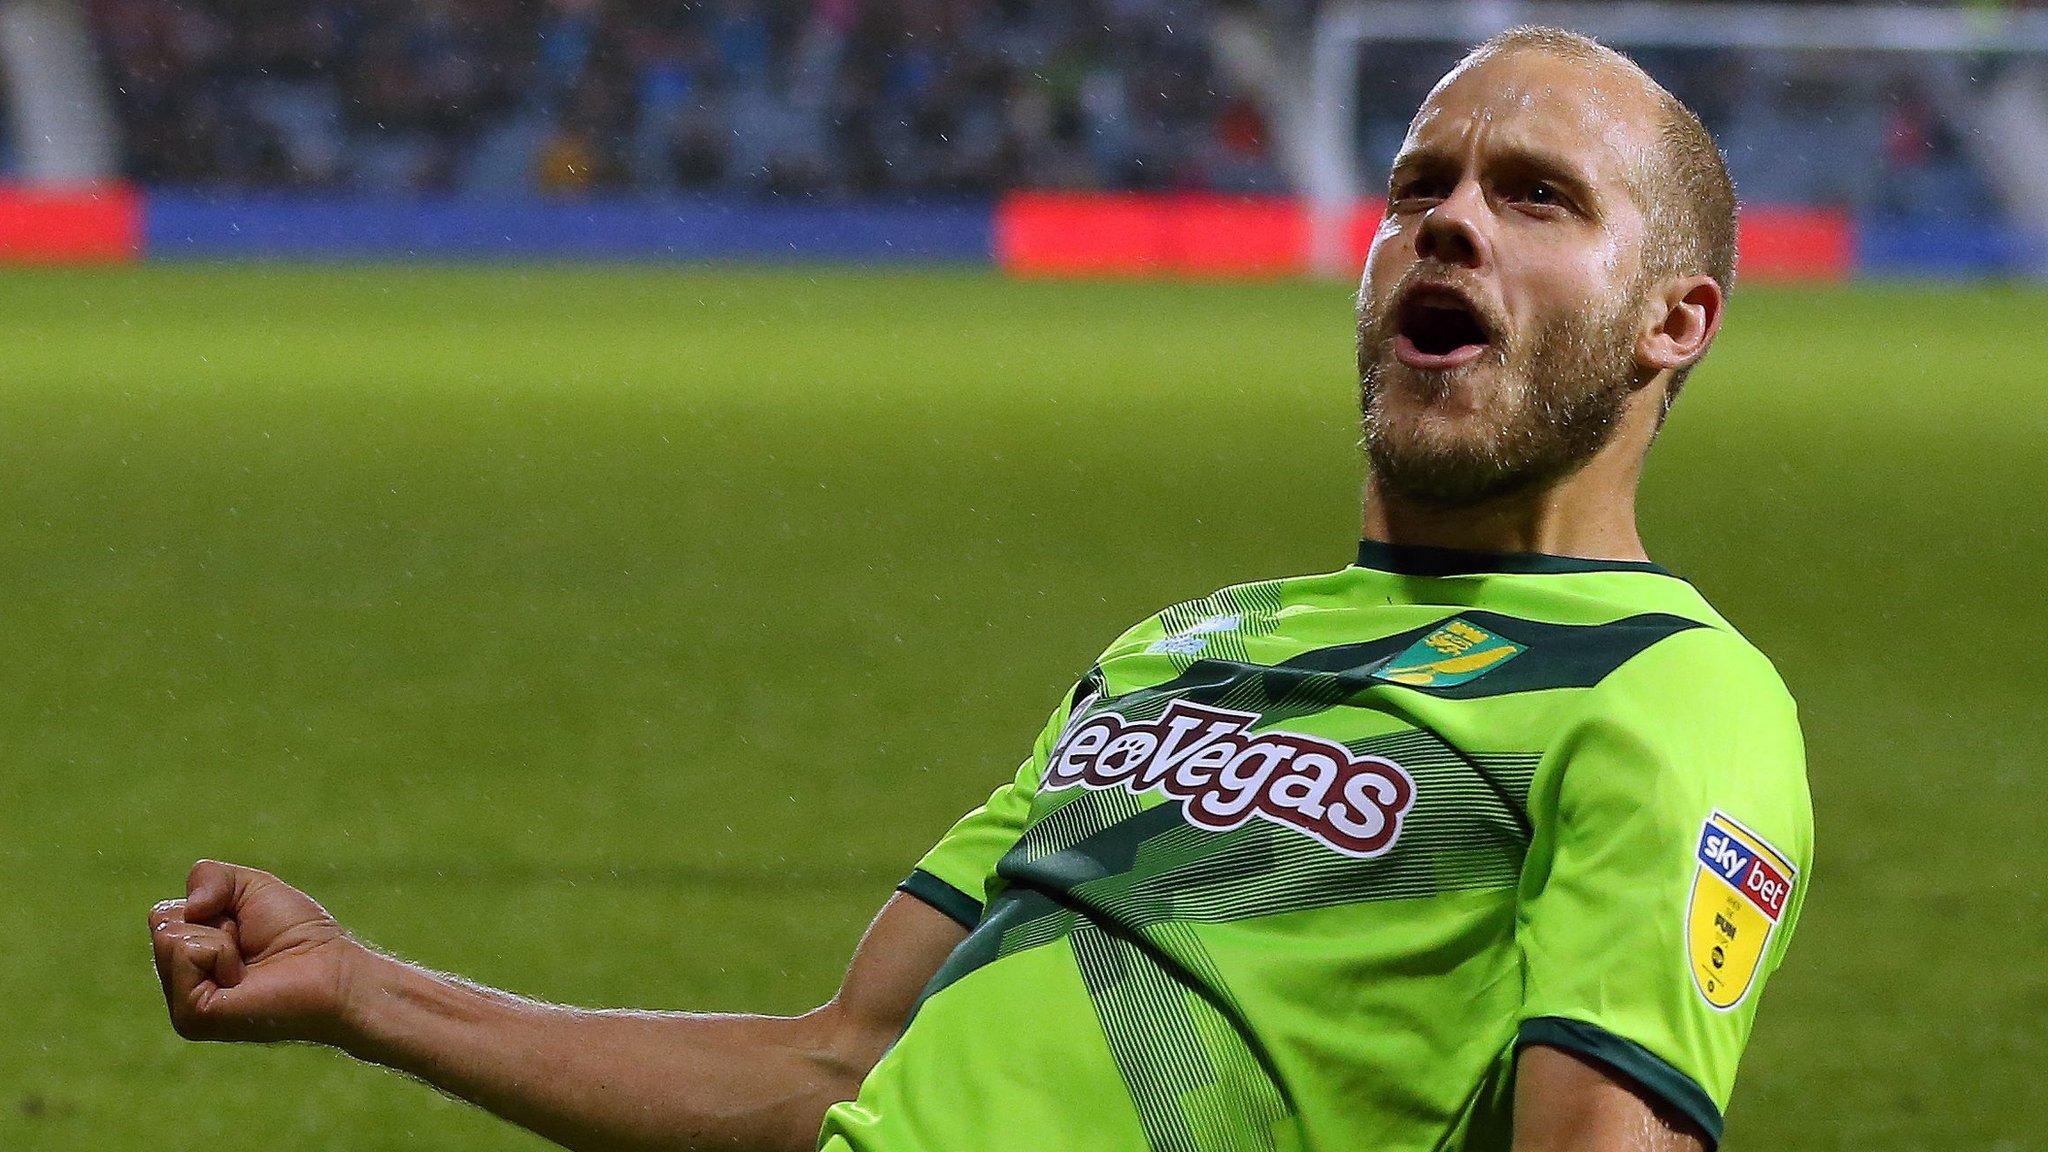 Queens Park Rangers 0-1 Norwich City: Teemu Pukki earns Canaries away win